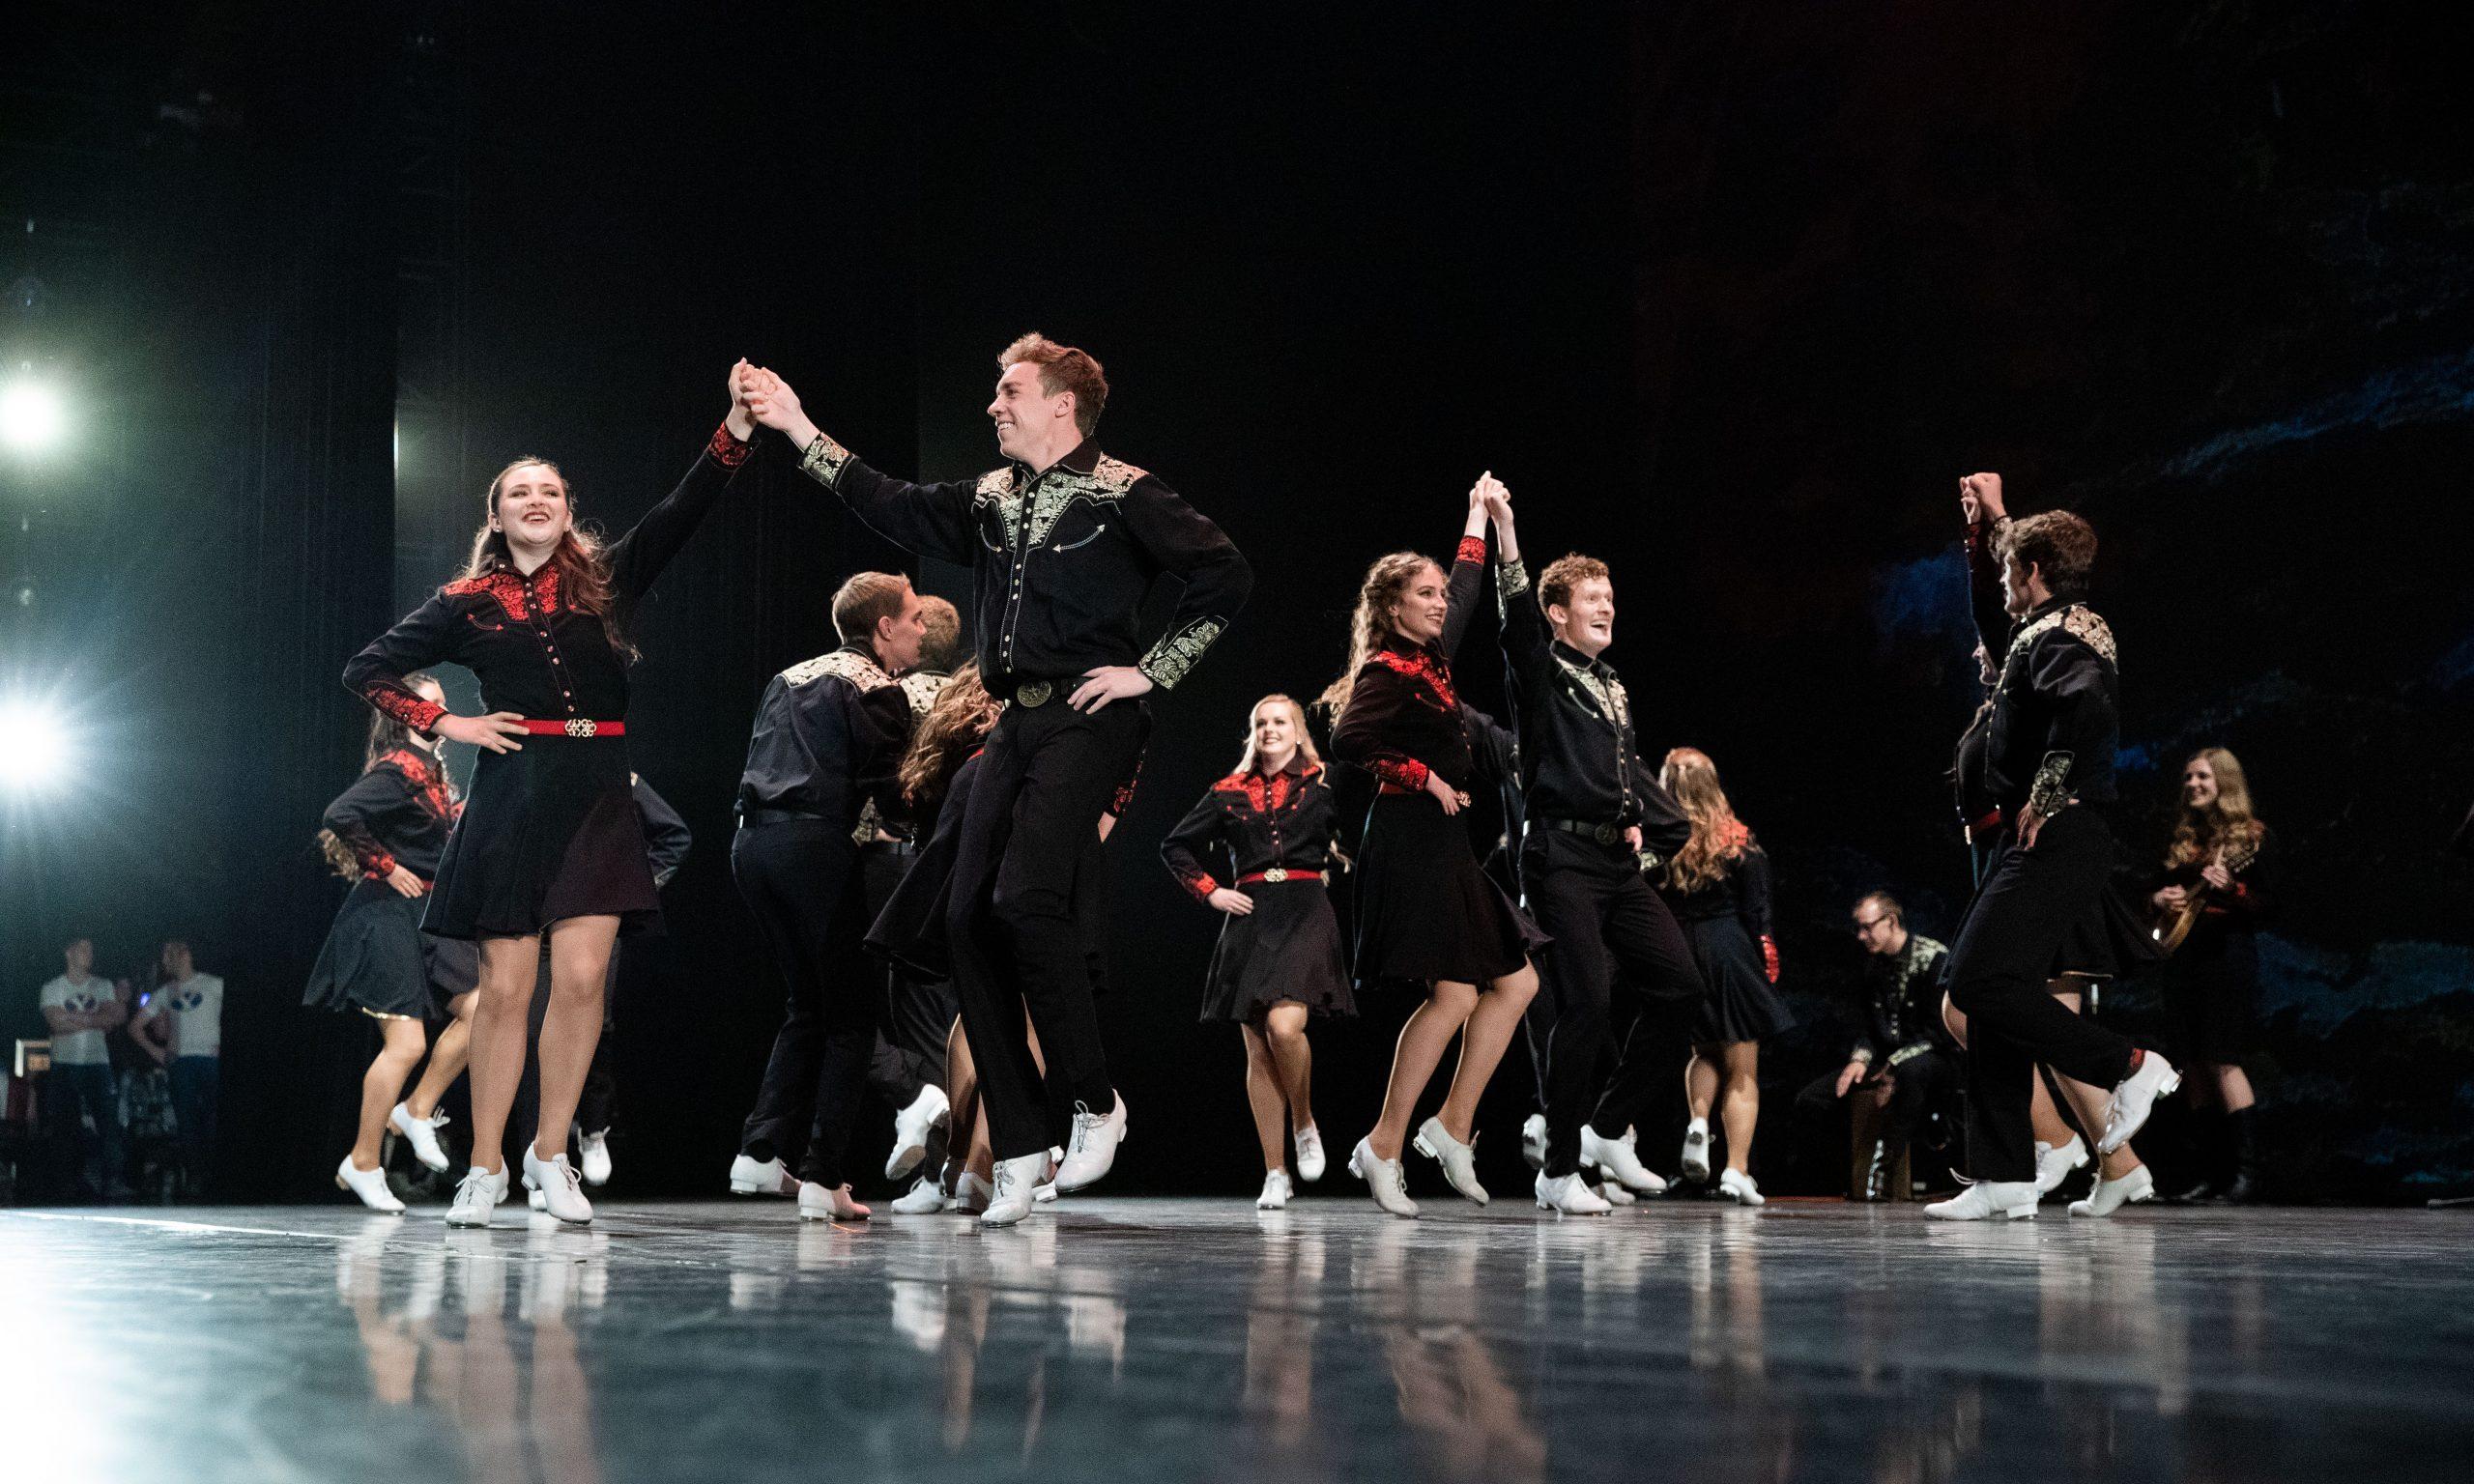 American Folk Dance Ensemble